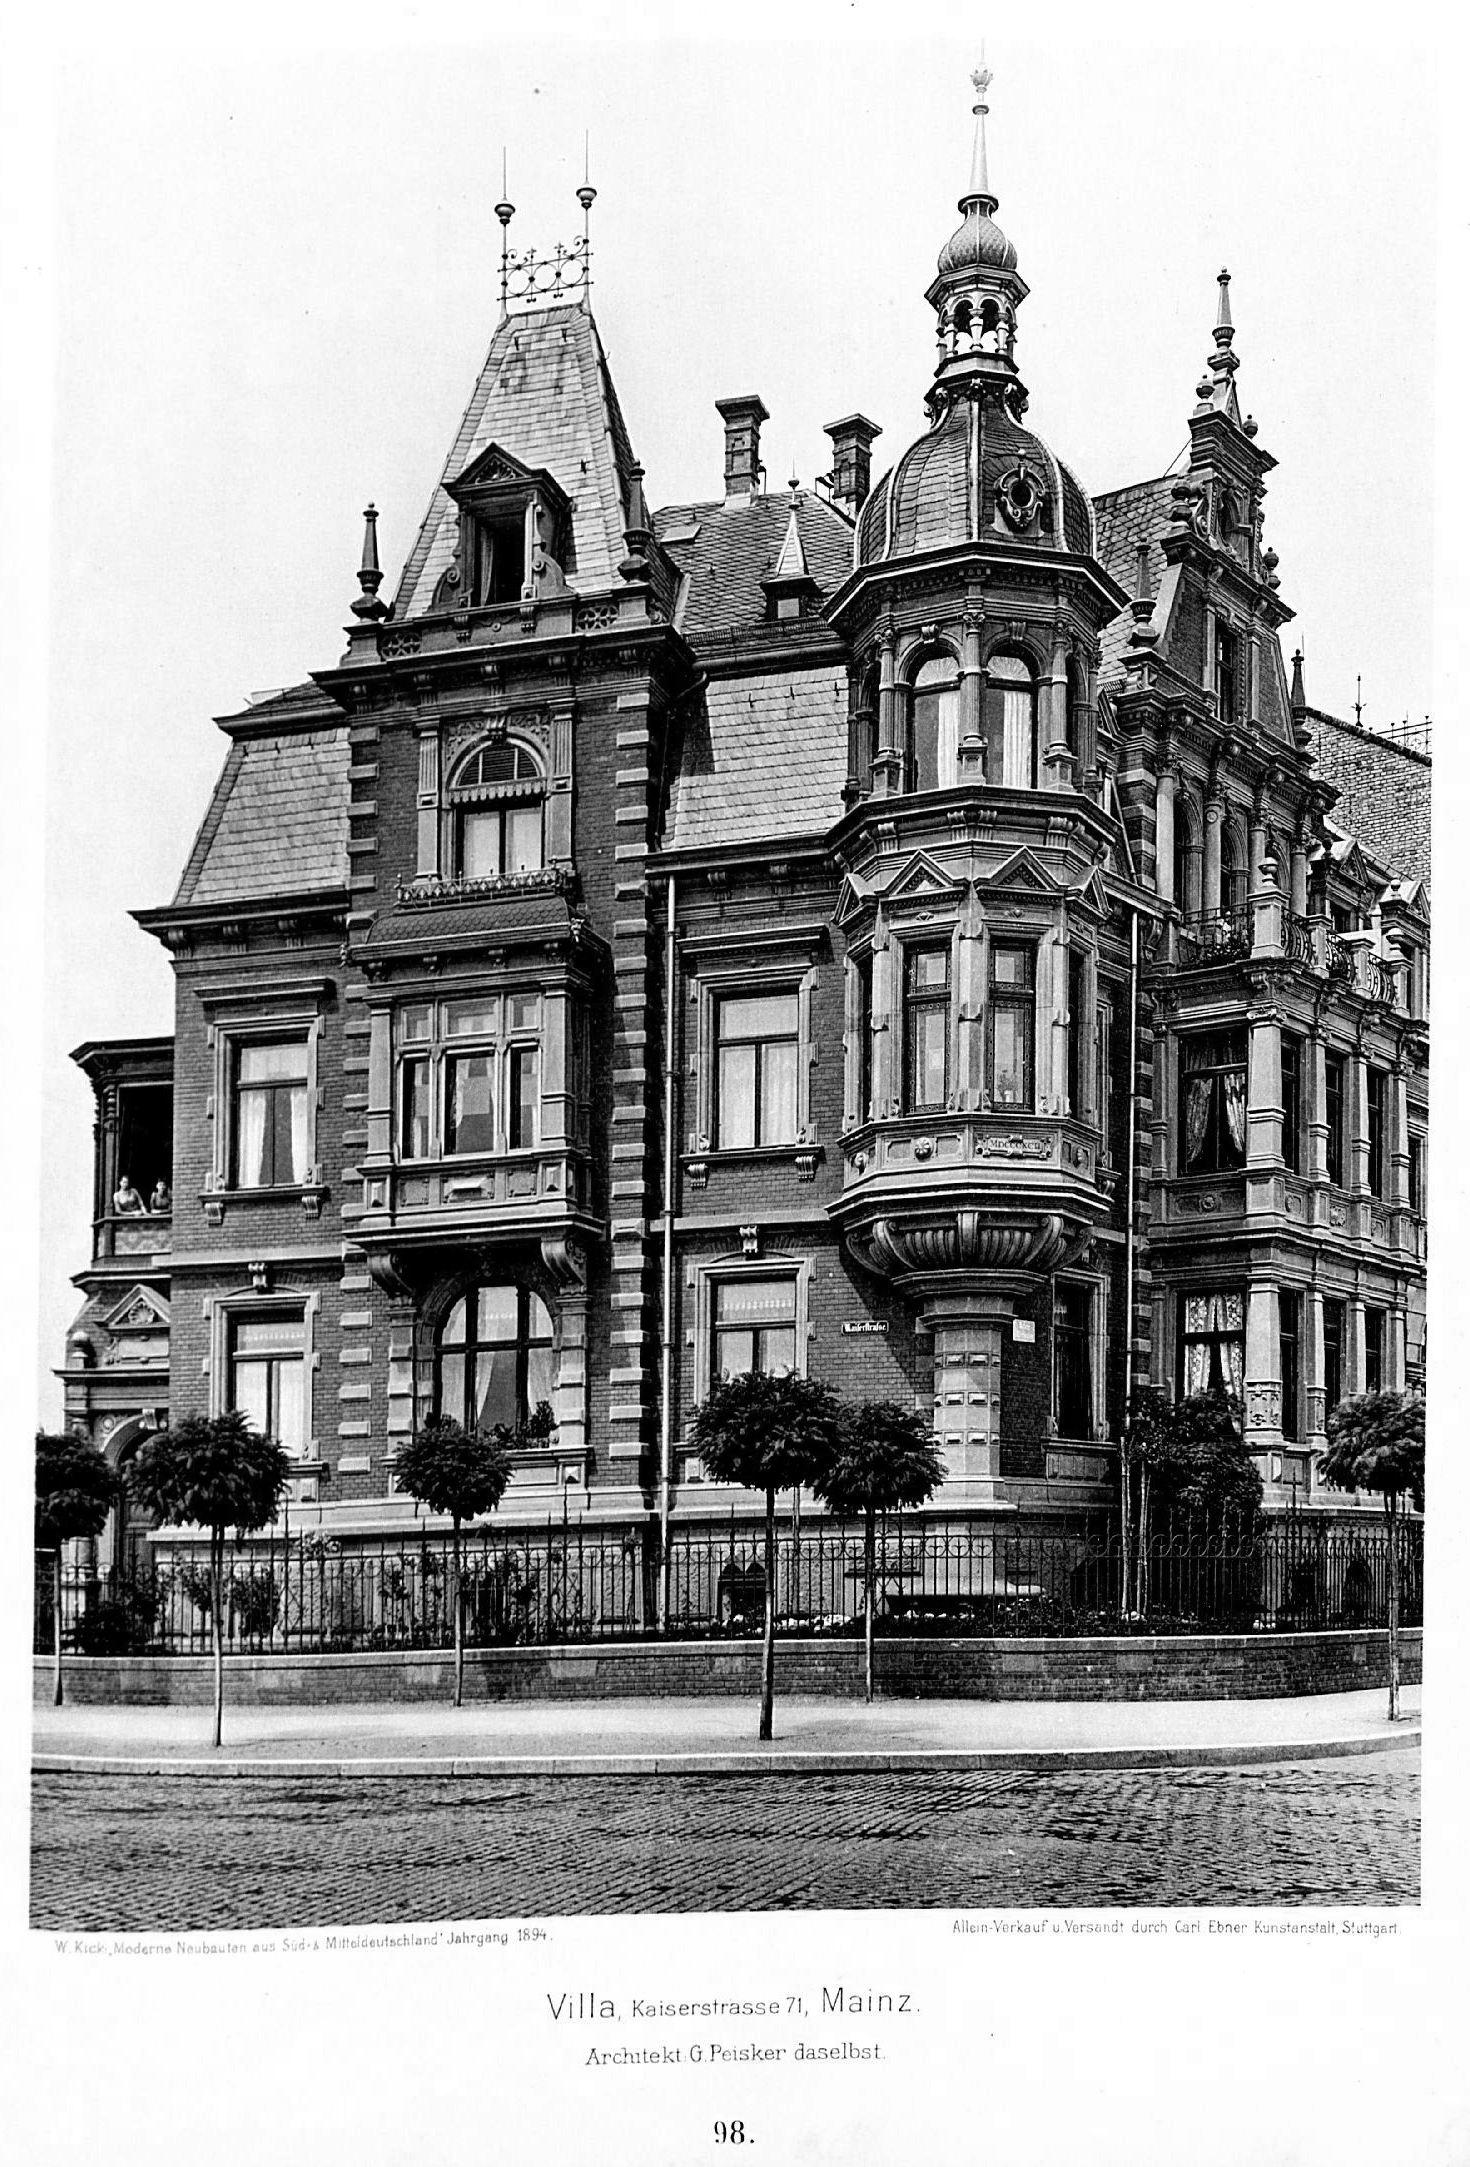 Architekt Mainz file villa kaiserstraße 71 mainz architekt g peisker aus mainz